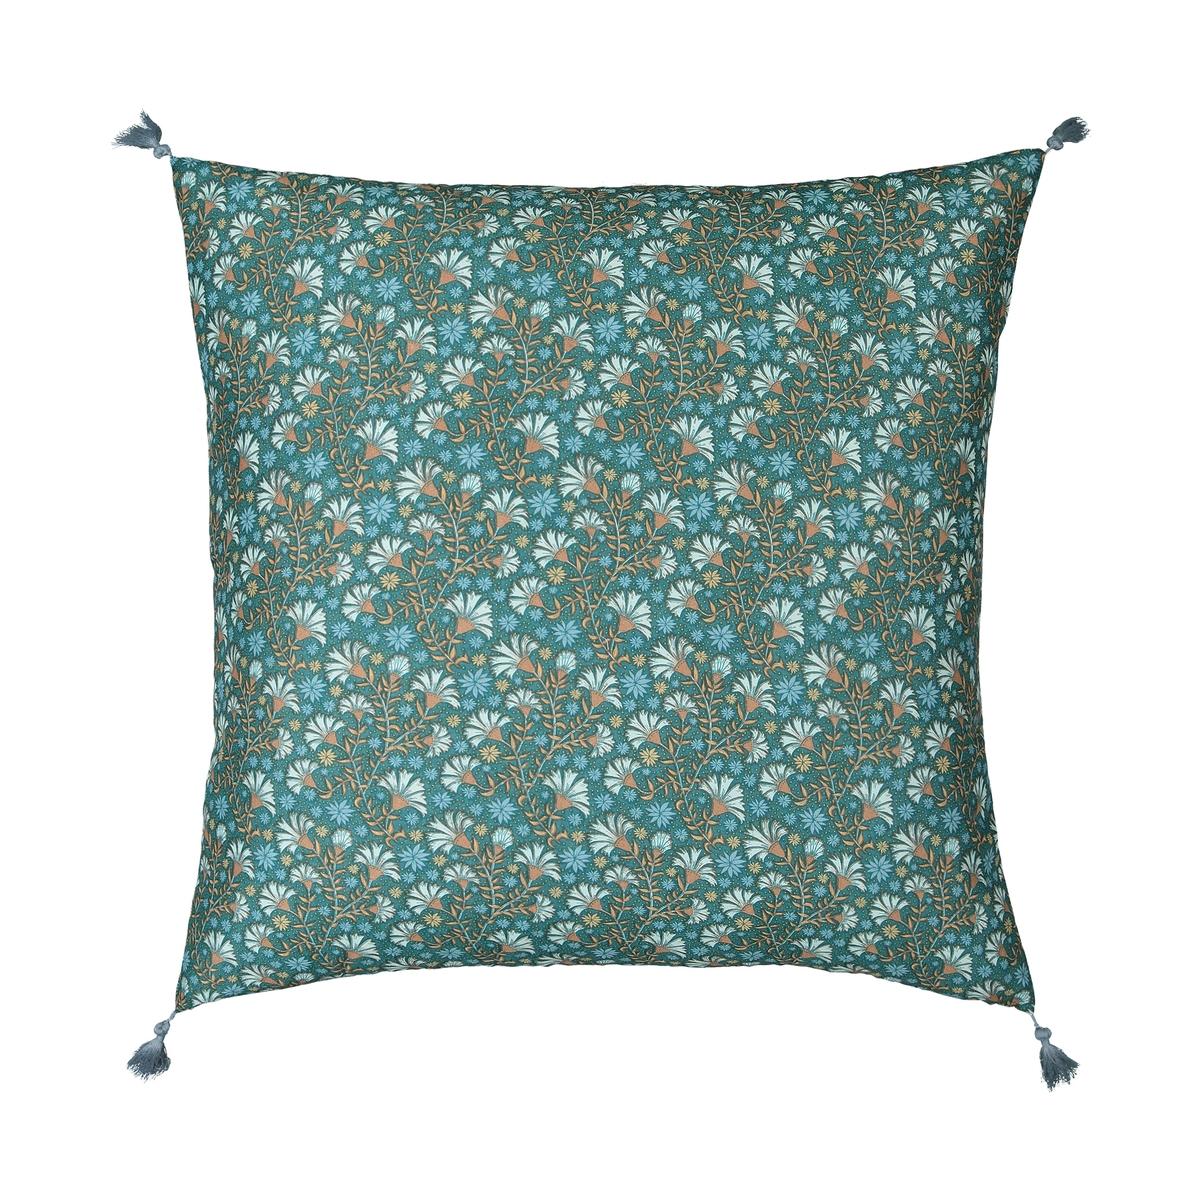 Kalyan Square Tasselled Pillowcase